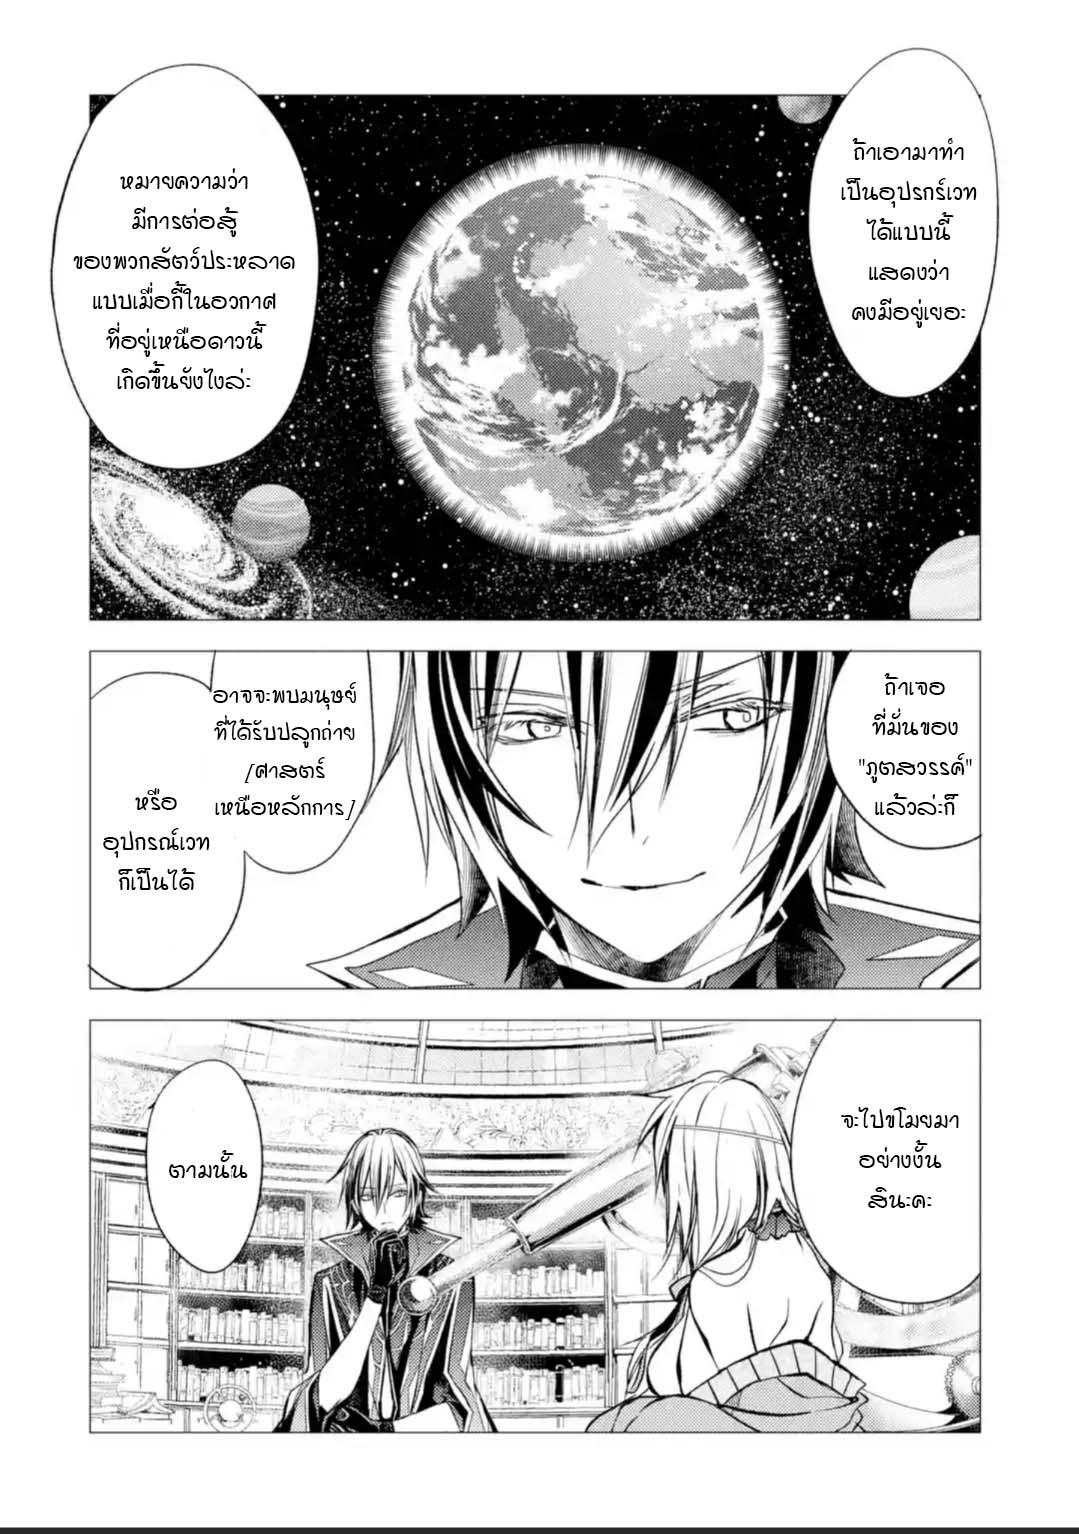 อ่านการ์ตูน Senmetsumadou no Saikyokenja ตอนที่ 8.2 หน้าที่ 9